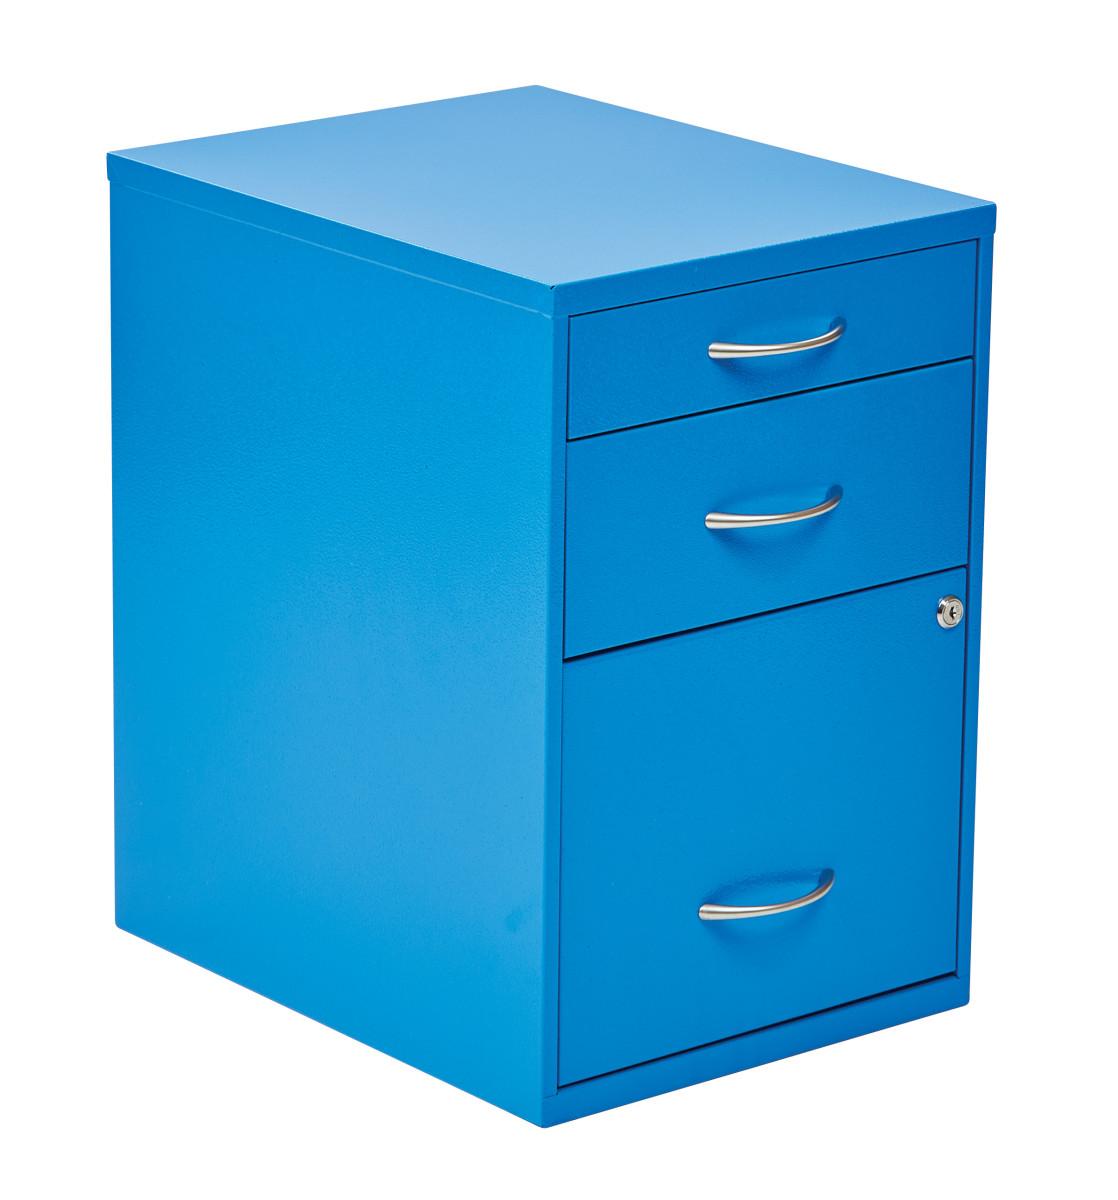 22 Pencil Box Storage File Cabinet in Blue Finish